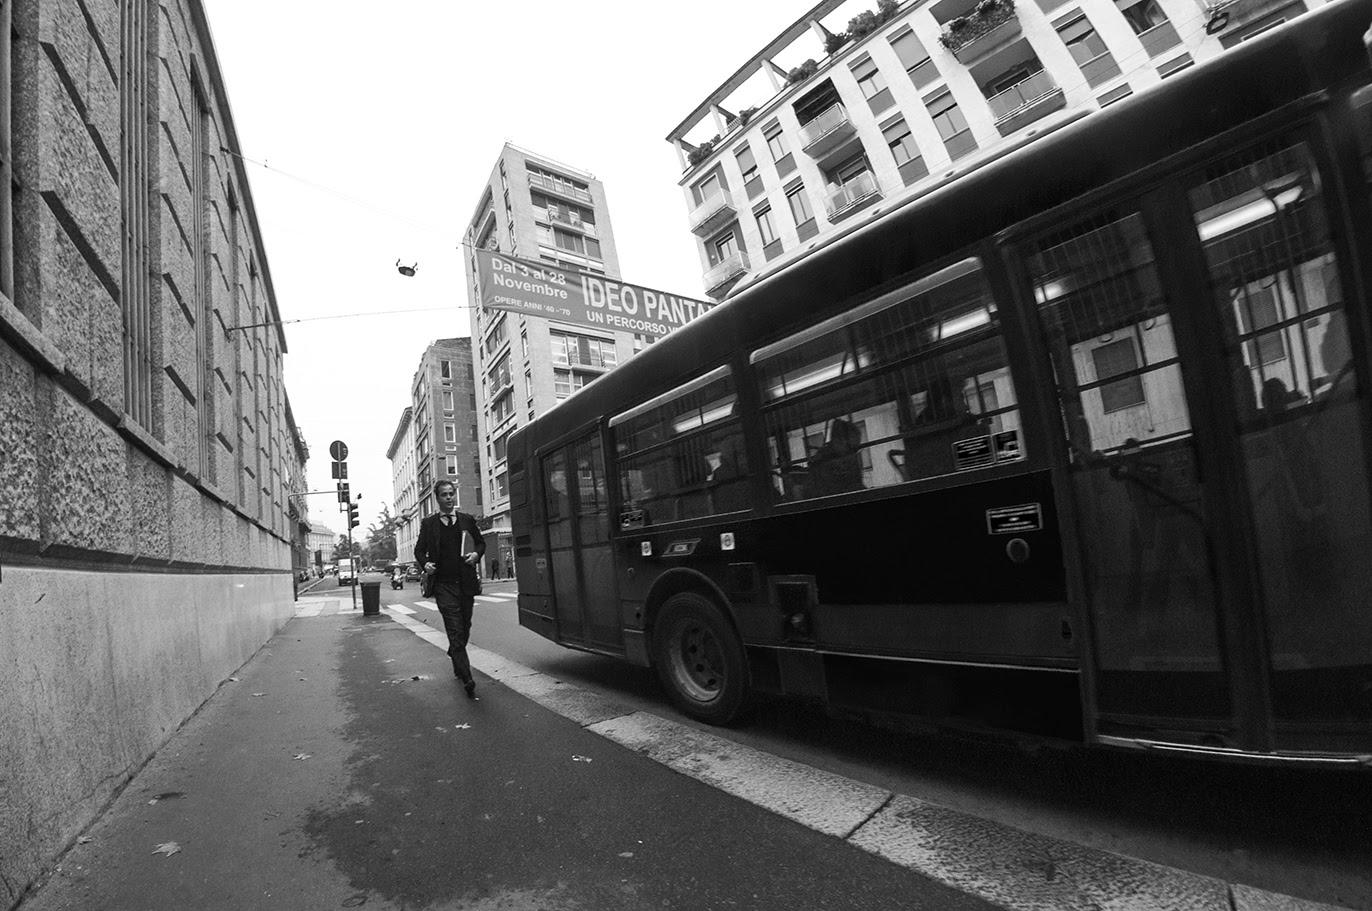 MILUNA-Ewa-Milun-Walczak-Mediolan-ludzie-ulica-przechodzni-mediolanczycy-Przechodnie-11